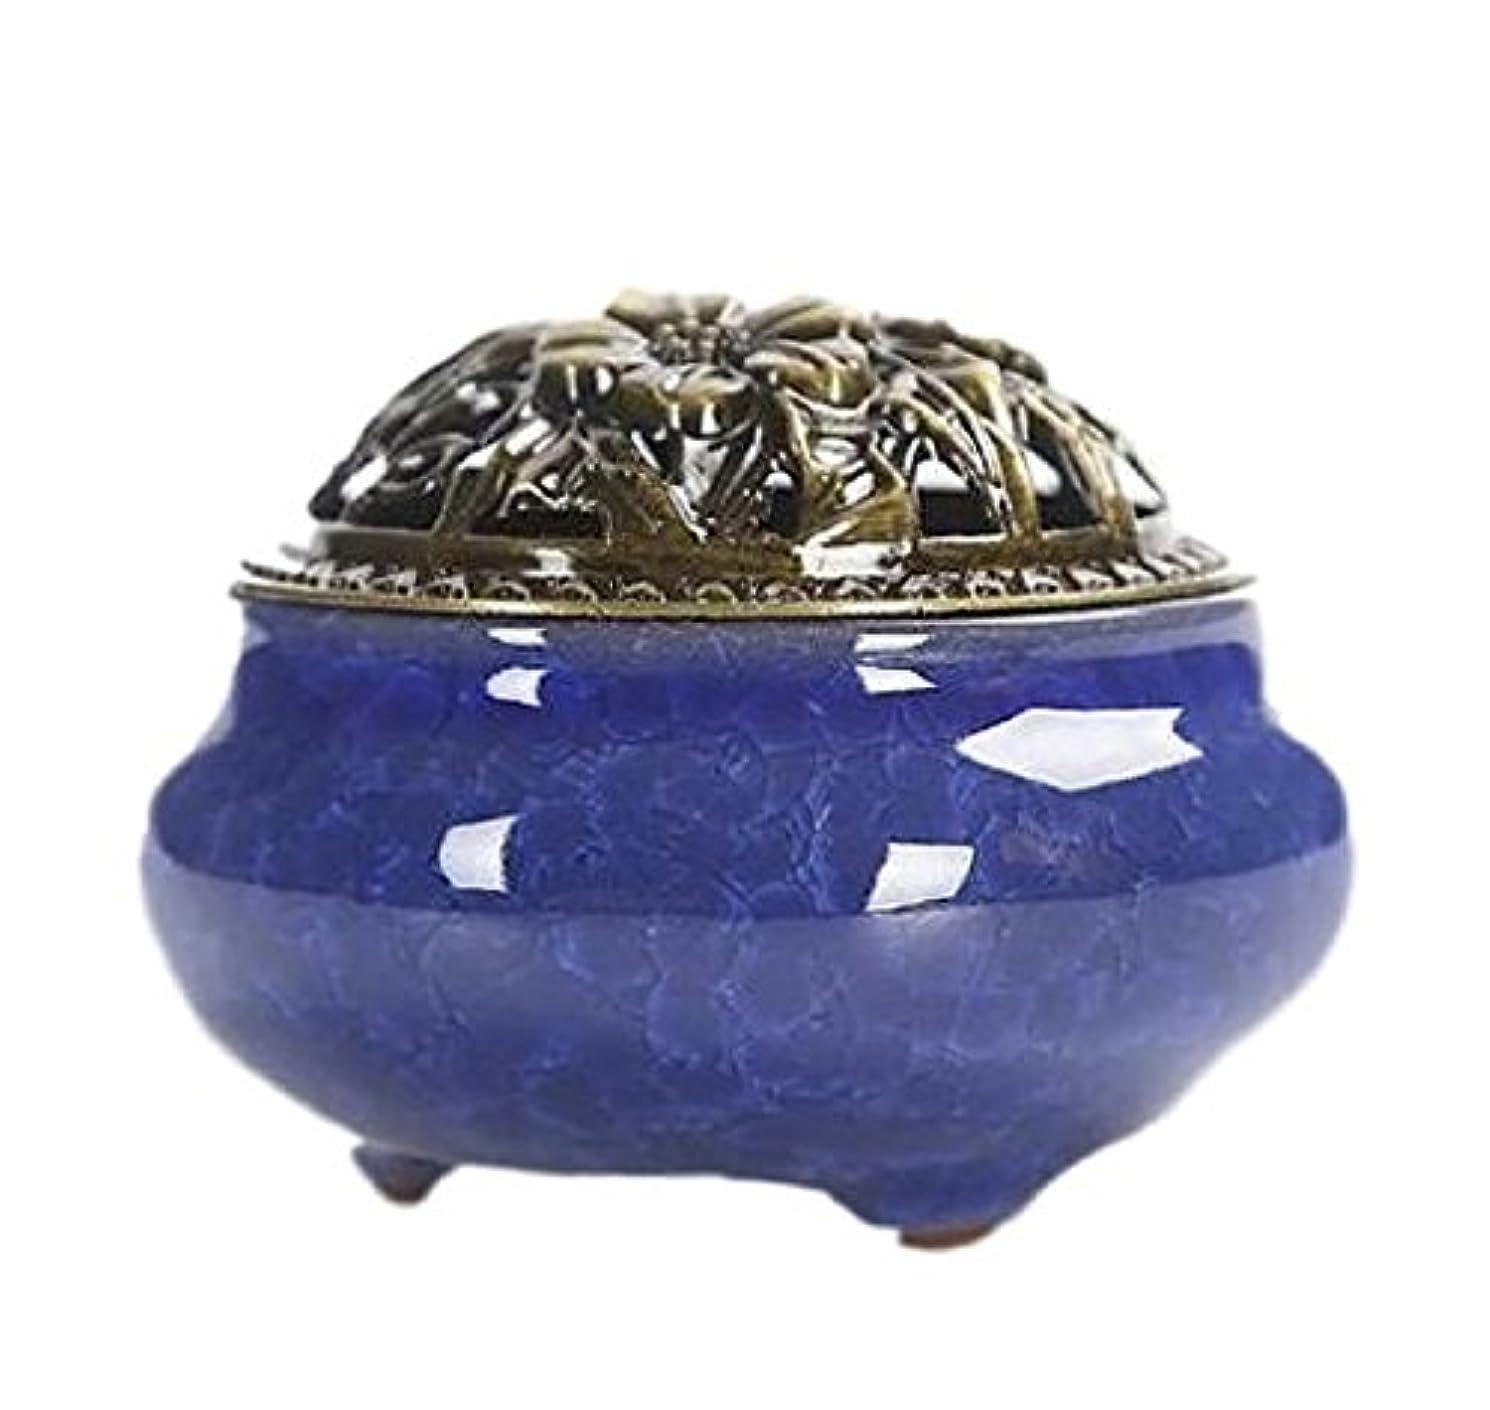 音楽を聴く苦情文句アフリカU-Pick 香炉 お香立て セット 心を落ち着かせてくれる 色合い 陶器 サファイア色